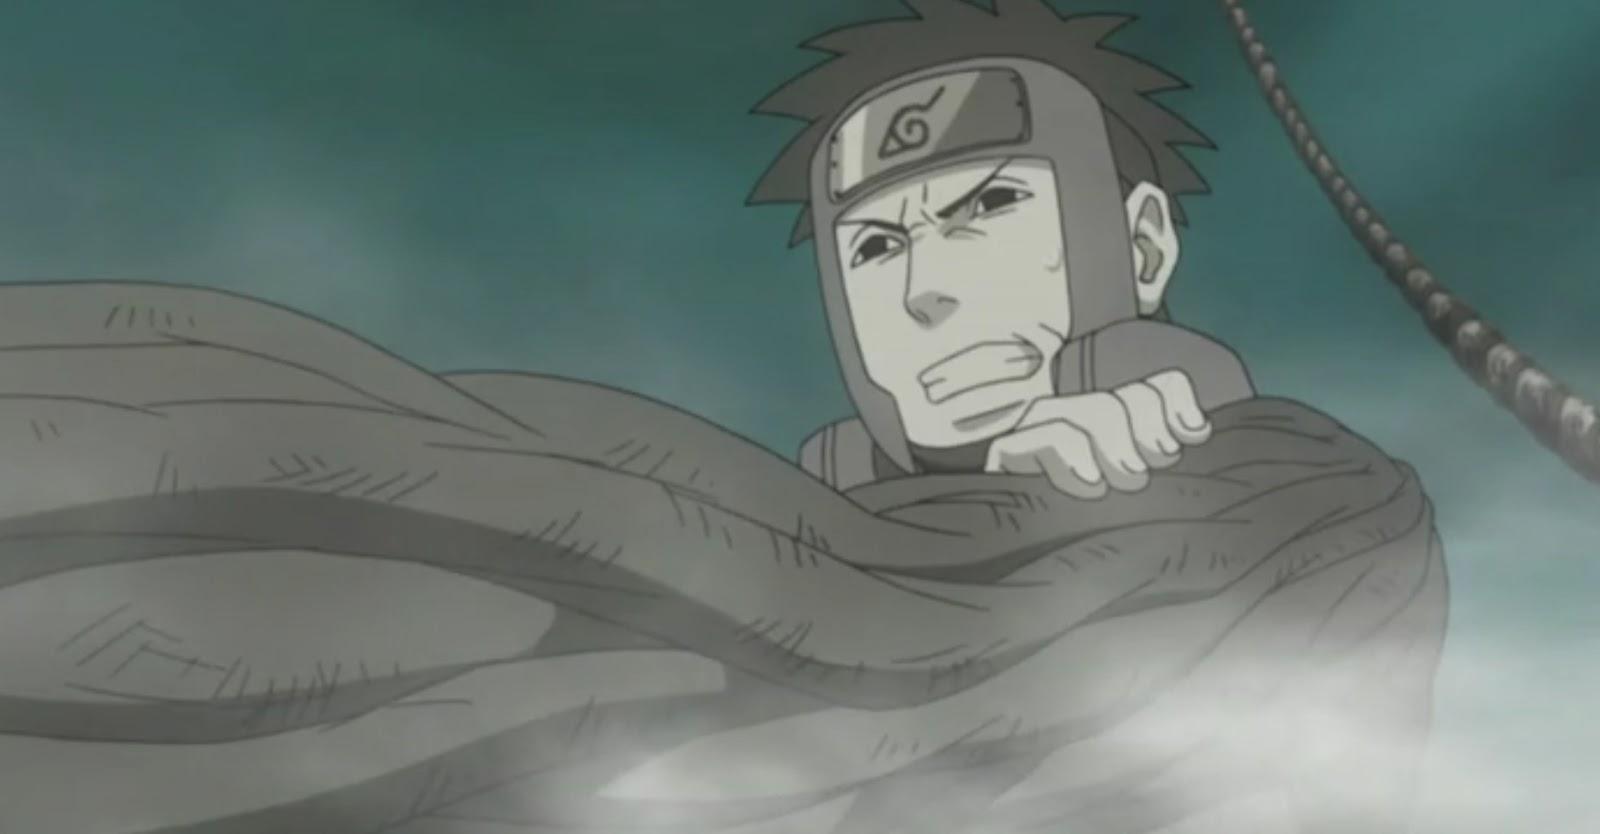 Naruto Shippuden Episódio 231, Assistir Naruto Shippuden Episódio 231, Assistir Naruto Shippuden Todos os Episódios Legendado, Naruto Shippuden episódio 231,HD